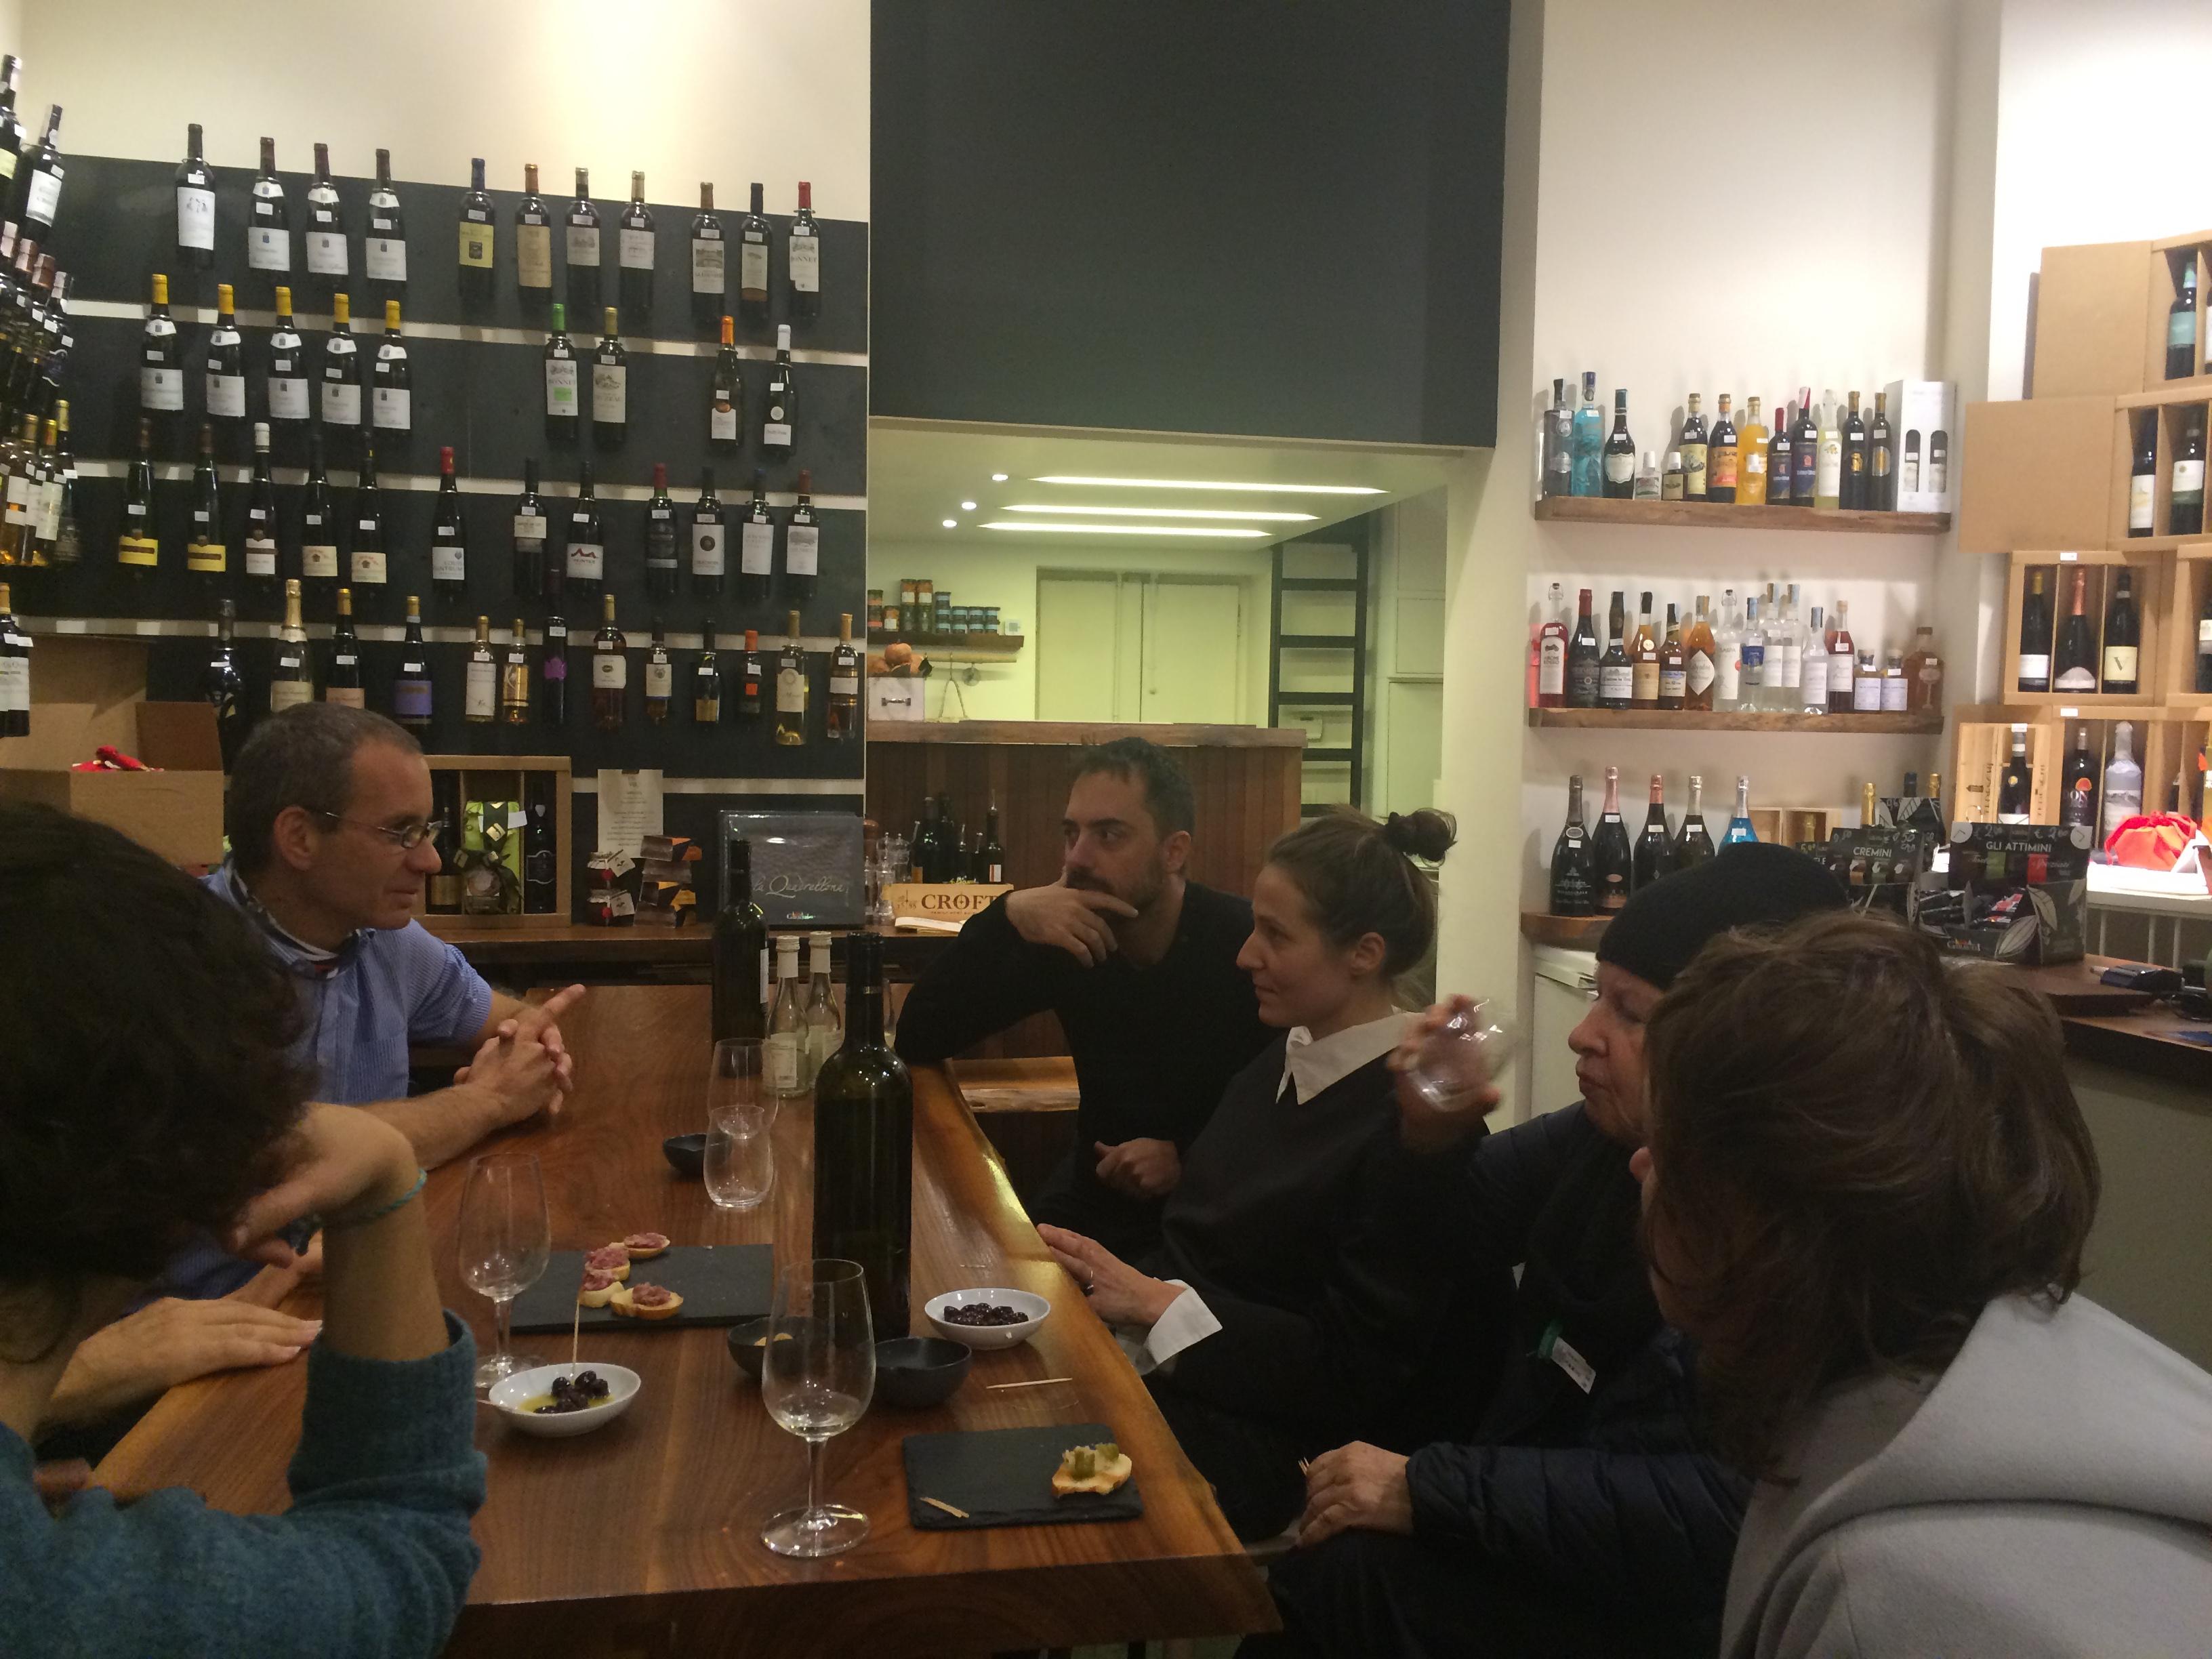 al bar-dialoghisultempo-Maccone-Morgantin-Cristini.afterlecture-aperitif